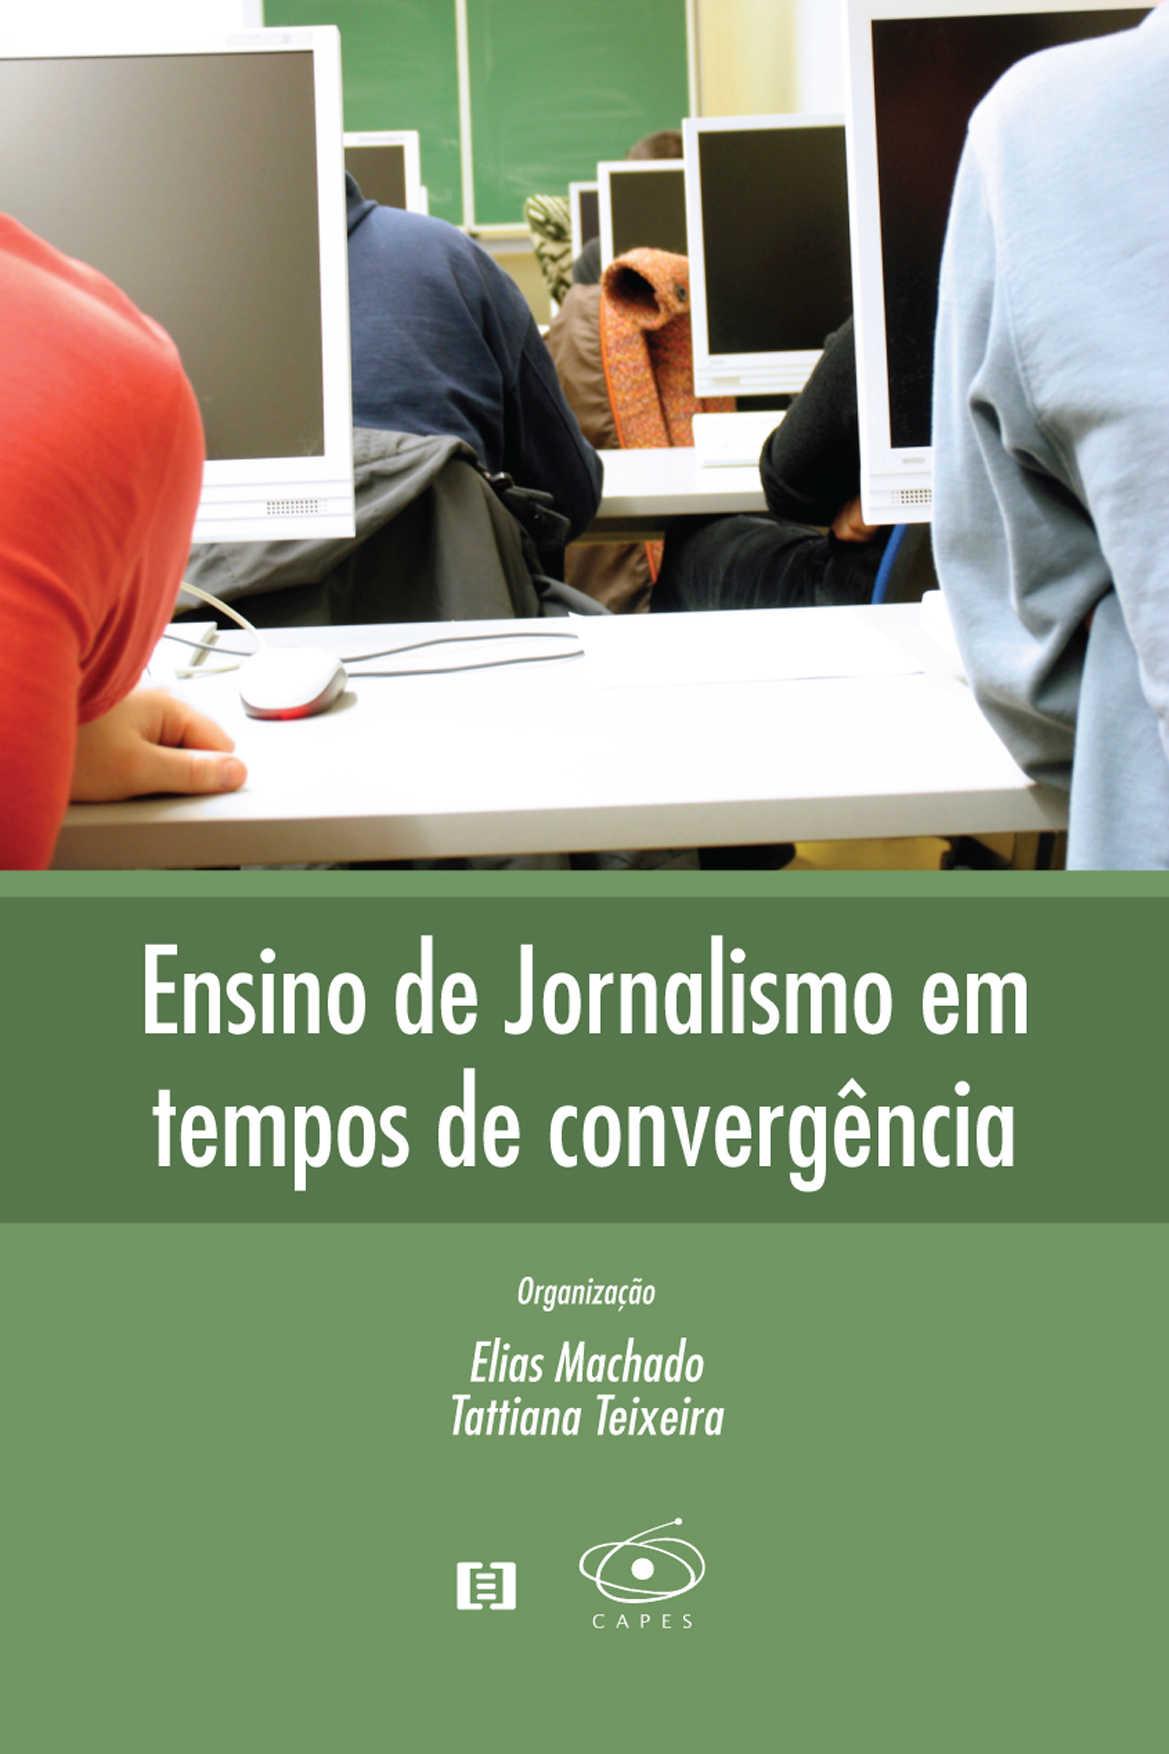 Ensino de Jornalismo em tempos de convergência